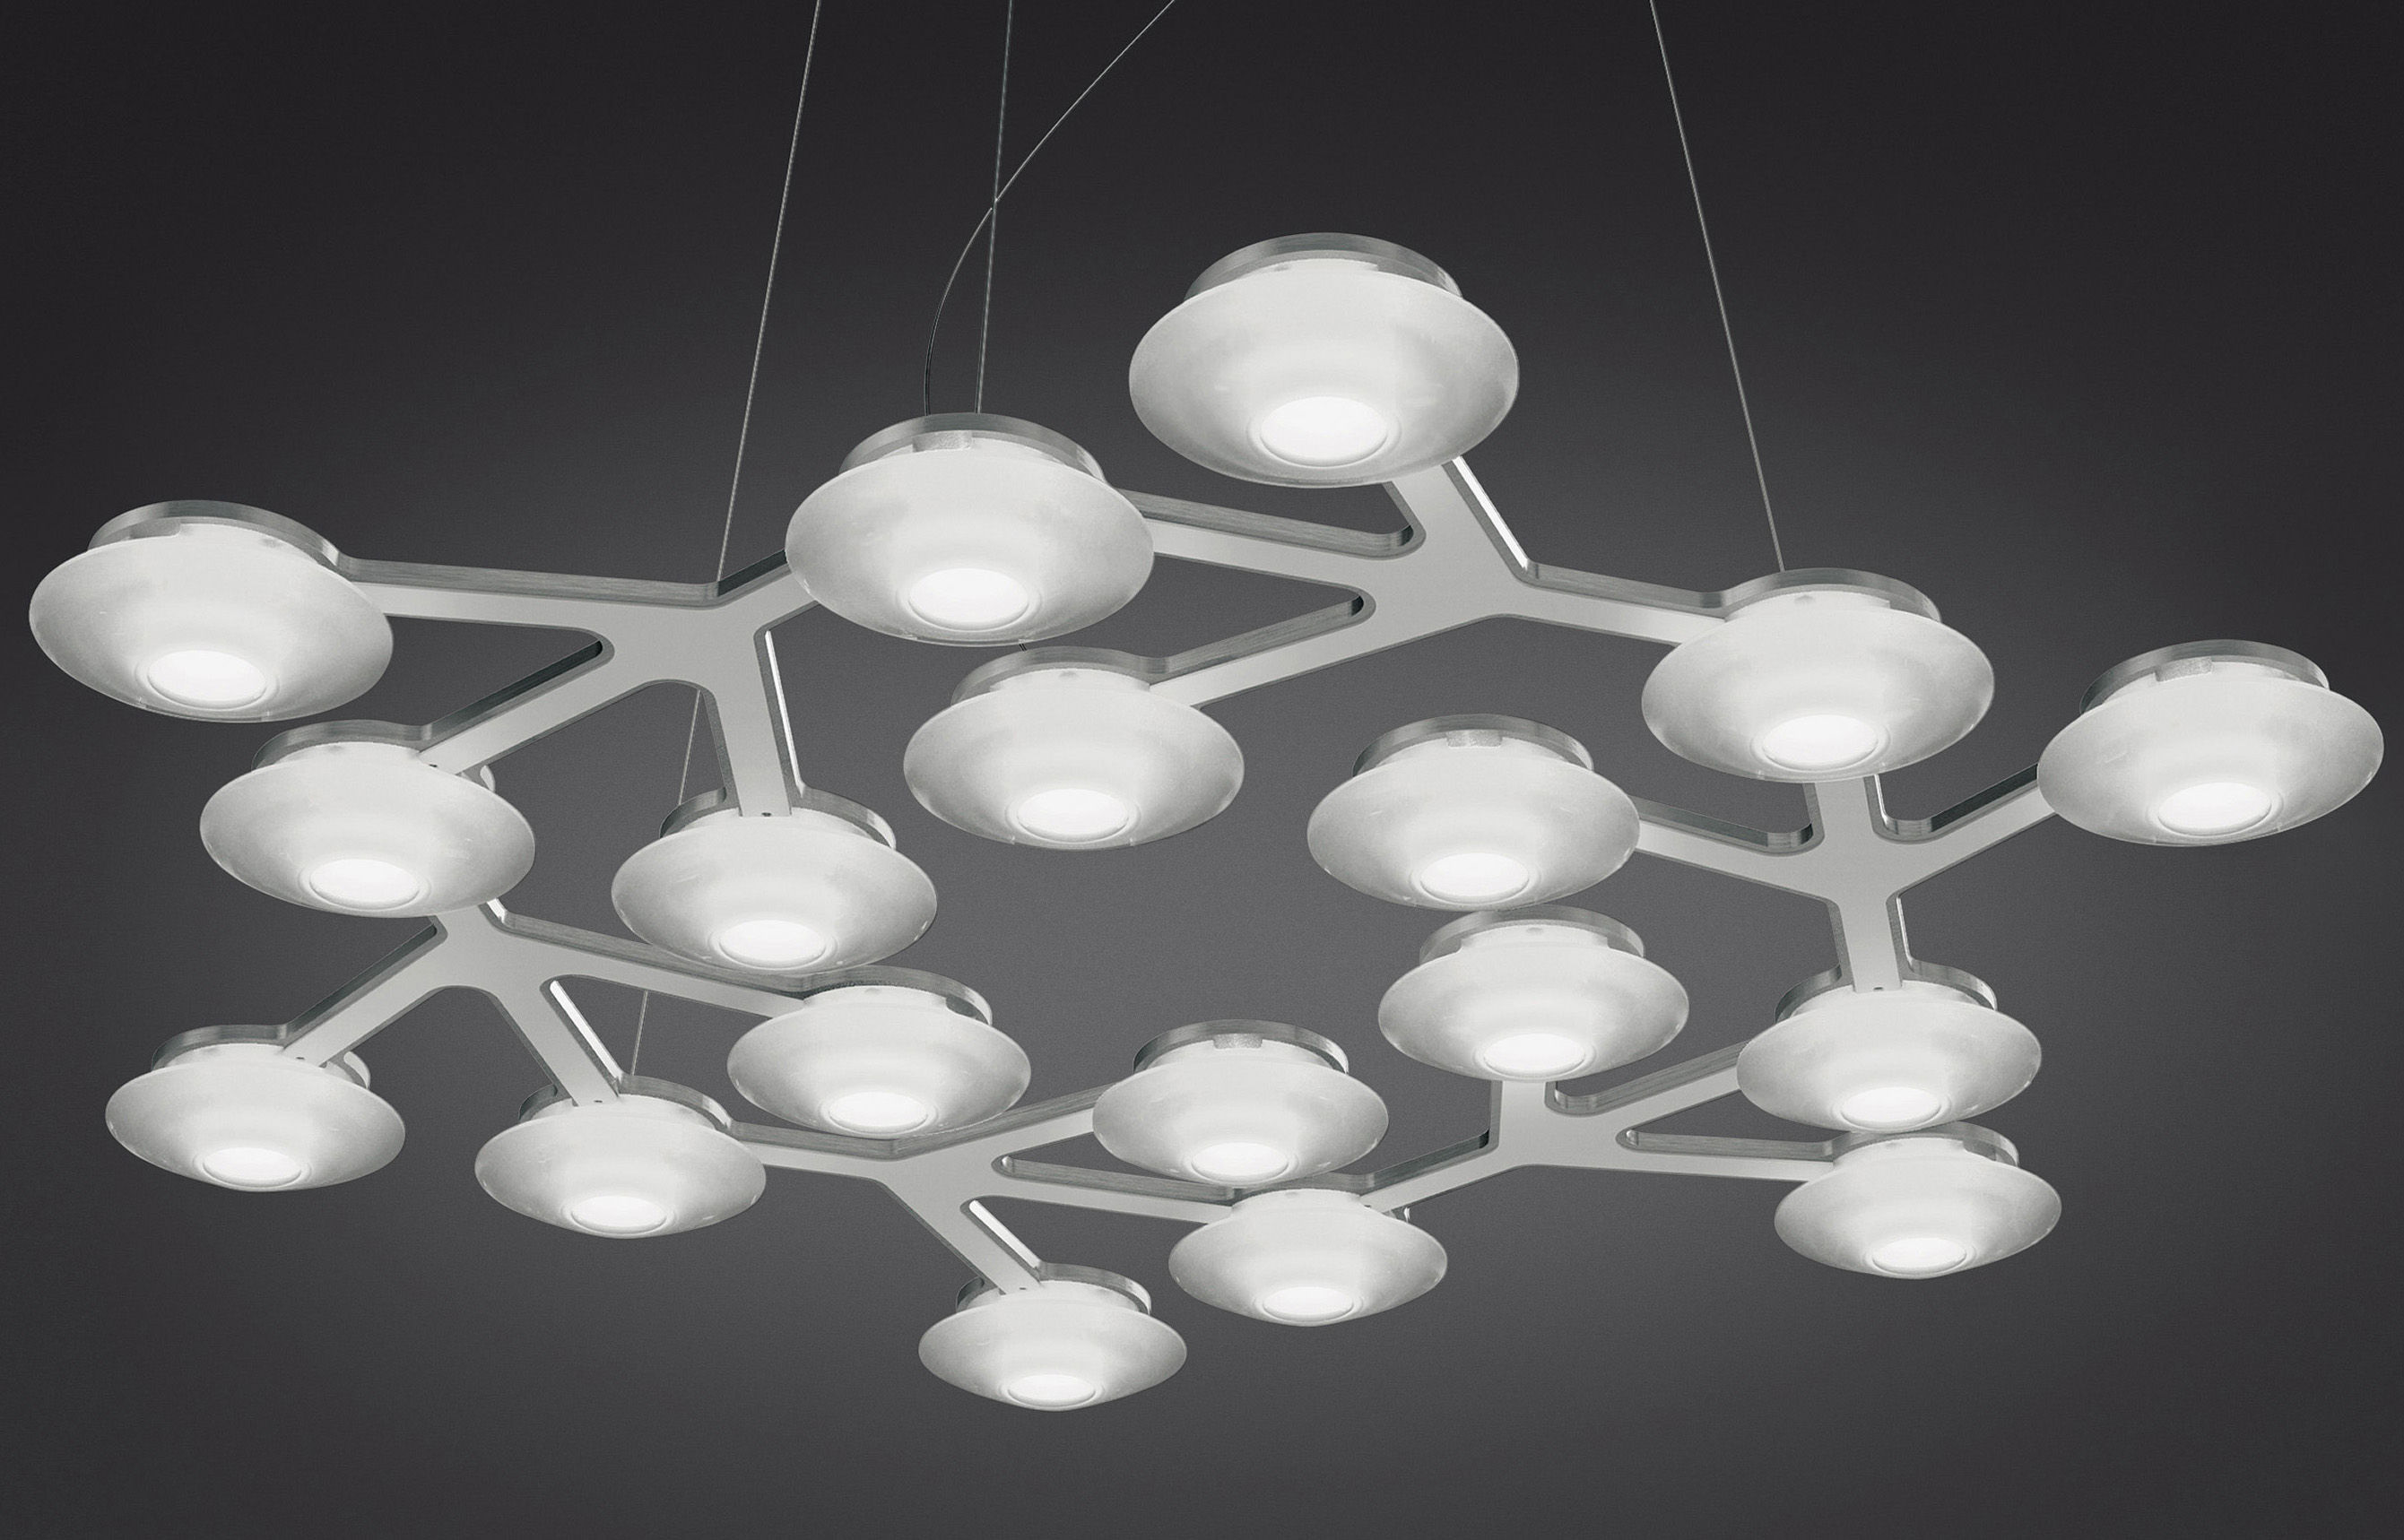 Illuminazione - Lampadari - Sospensione LED NET - circolare - Ø 65 cm di Artemide -  - alluminio verniciato, Metacrilato